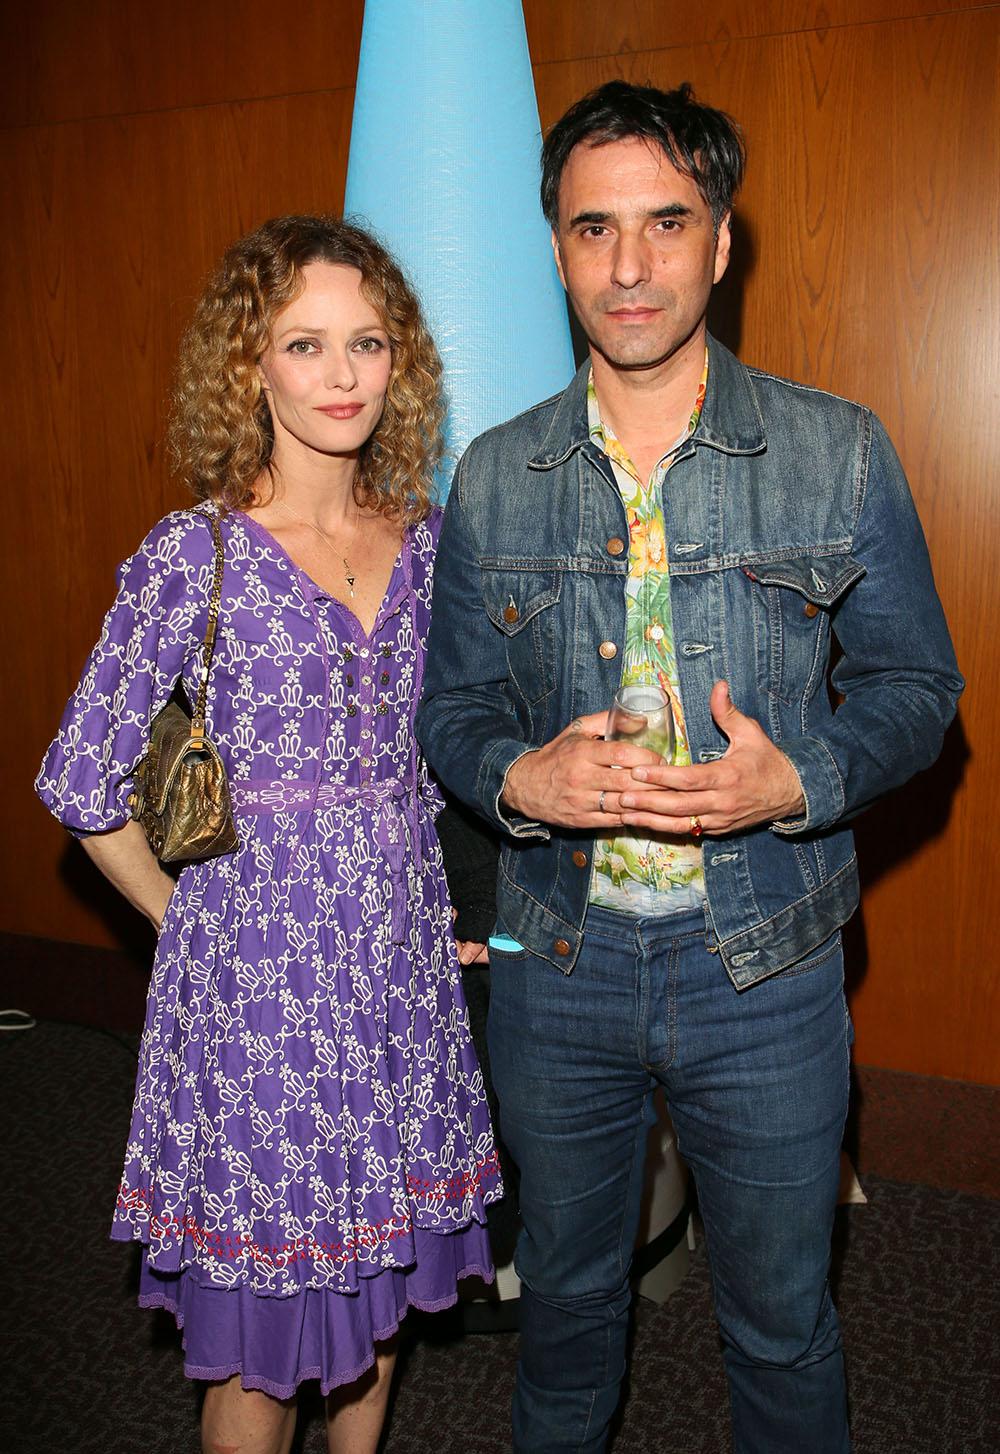 Vanessa Paradis and Samuel Benchetrit, Photos courtesy of COLCOA